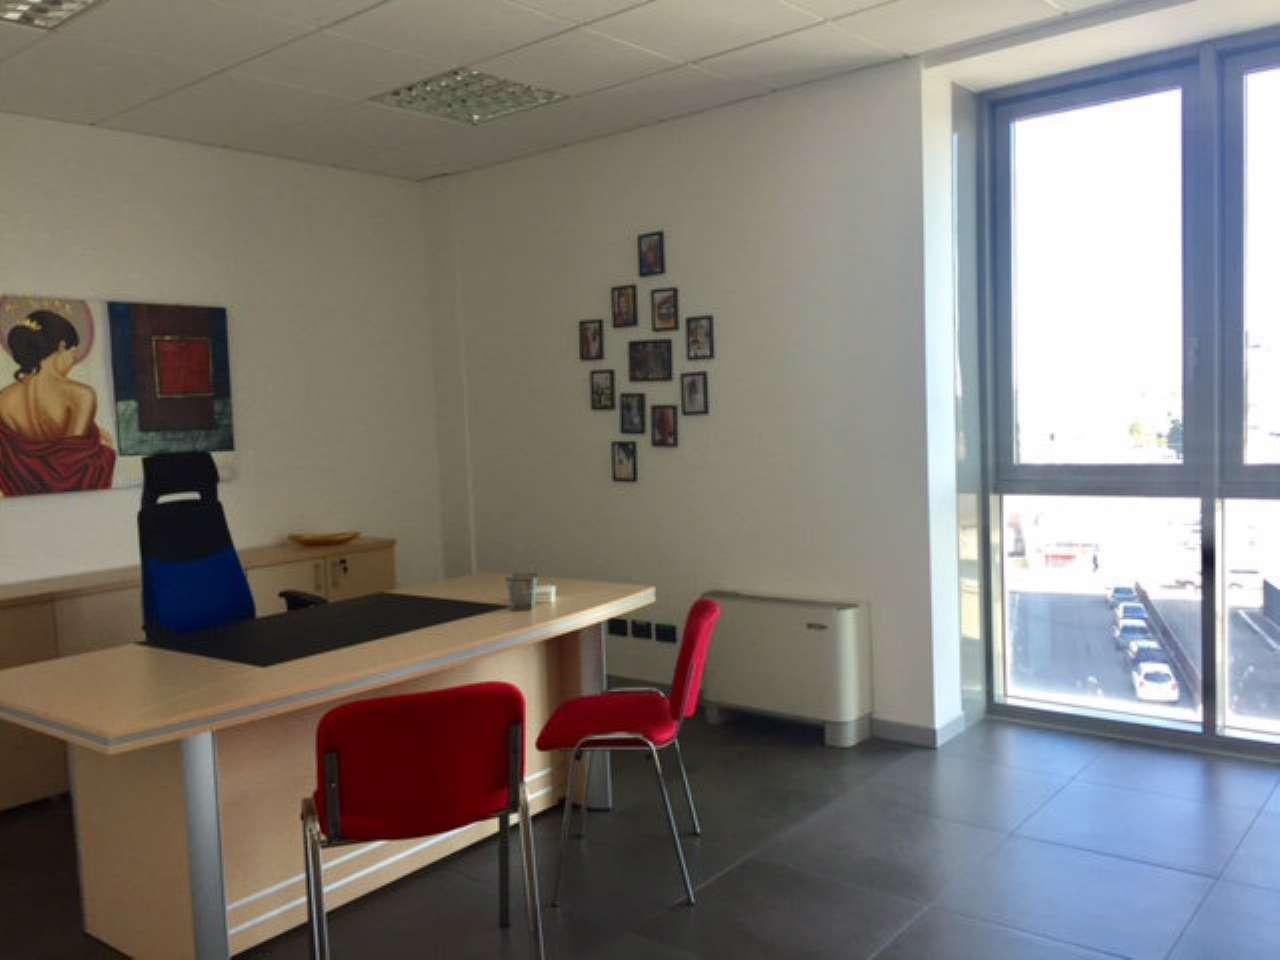 Ufficio / Studio in affitto a Sassuolo, 6 locali, Trattative riservate | CambioCasa.it